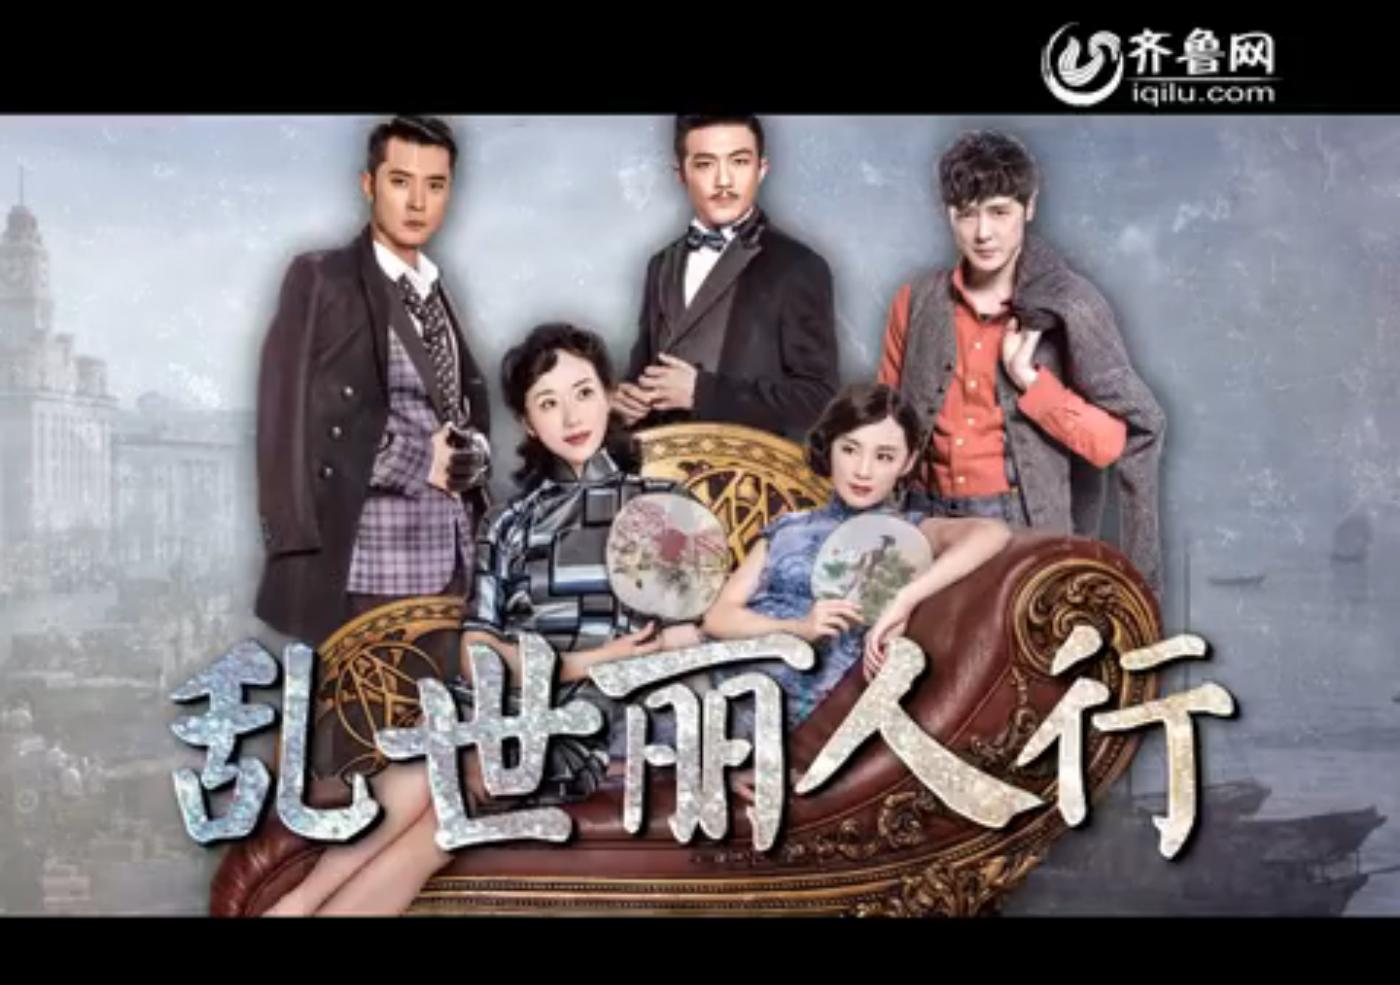 《乱世丽人行》10月10日齐鲁频道白金剧场开播